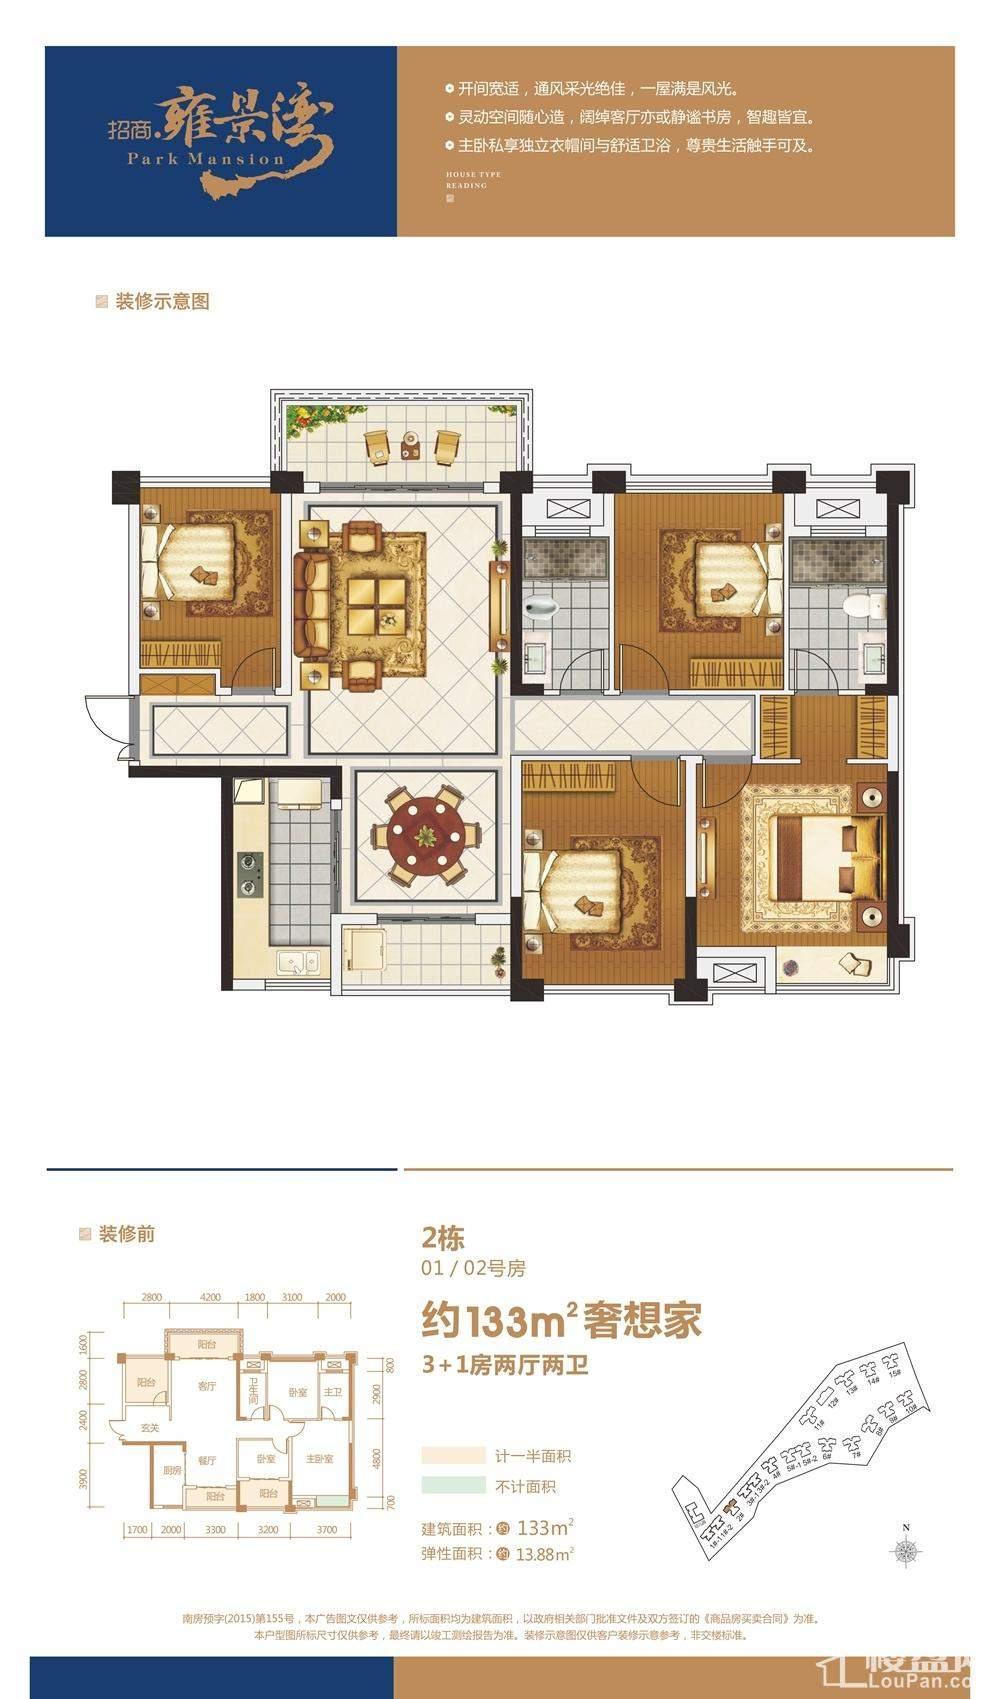 一期2#楼01/02号房奢想家户型